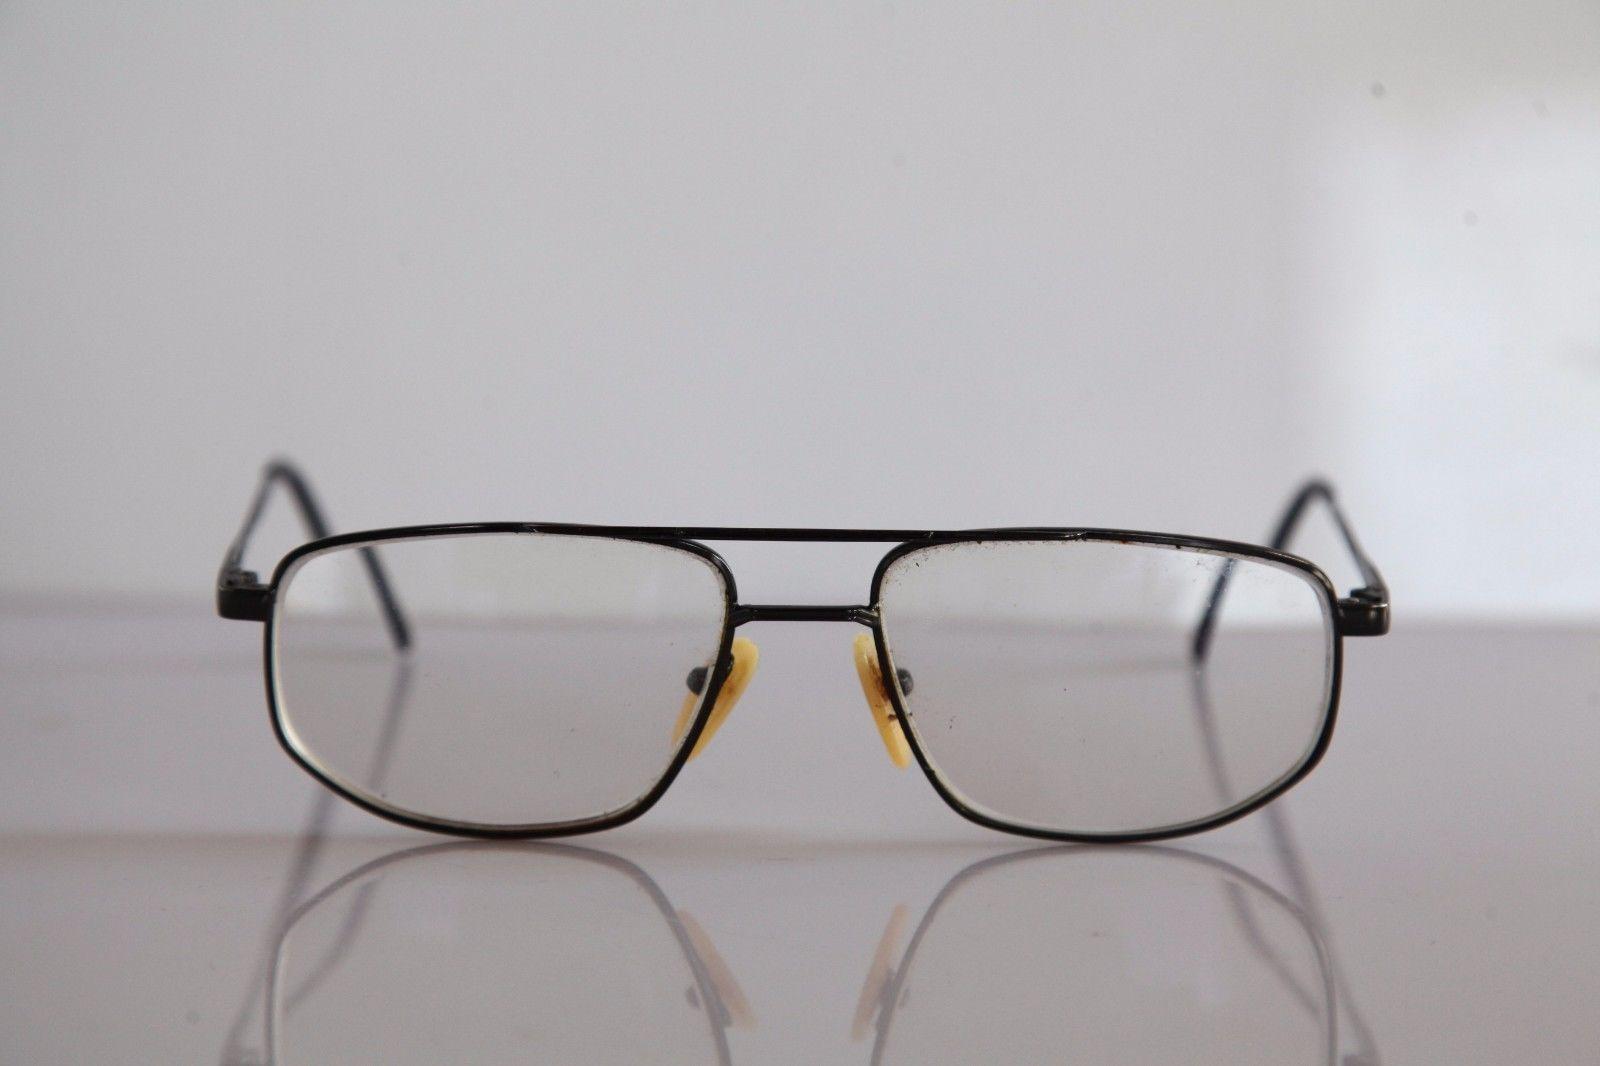 apollo optik eyewear gray frame rx able